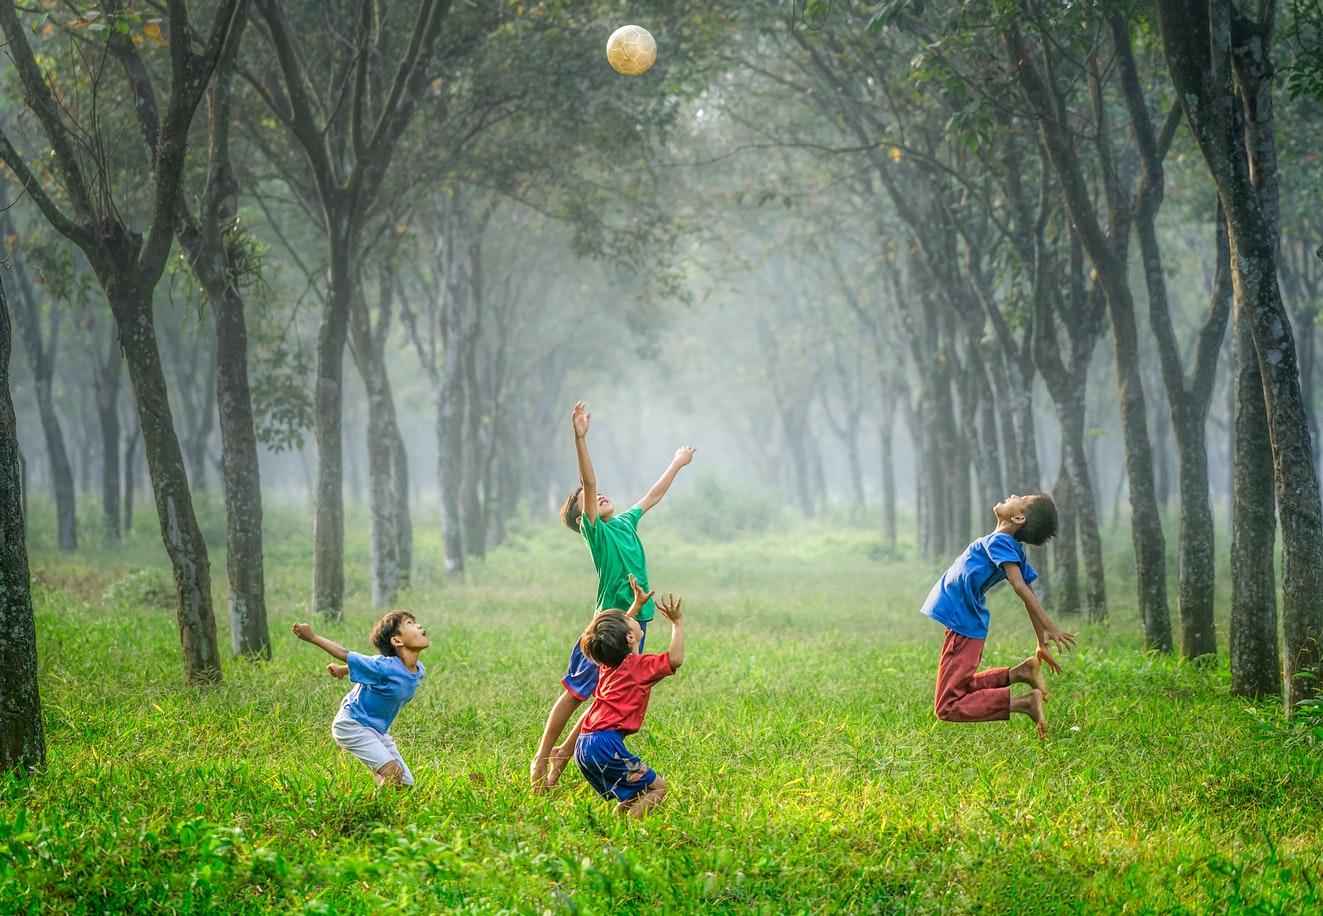 一群孩子正在草地上縱情嬉戲。